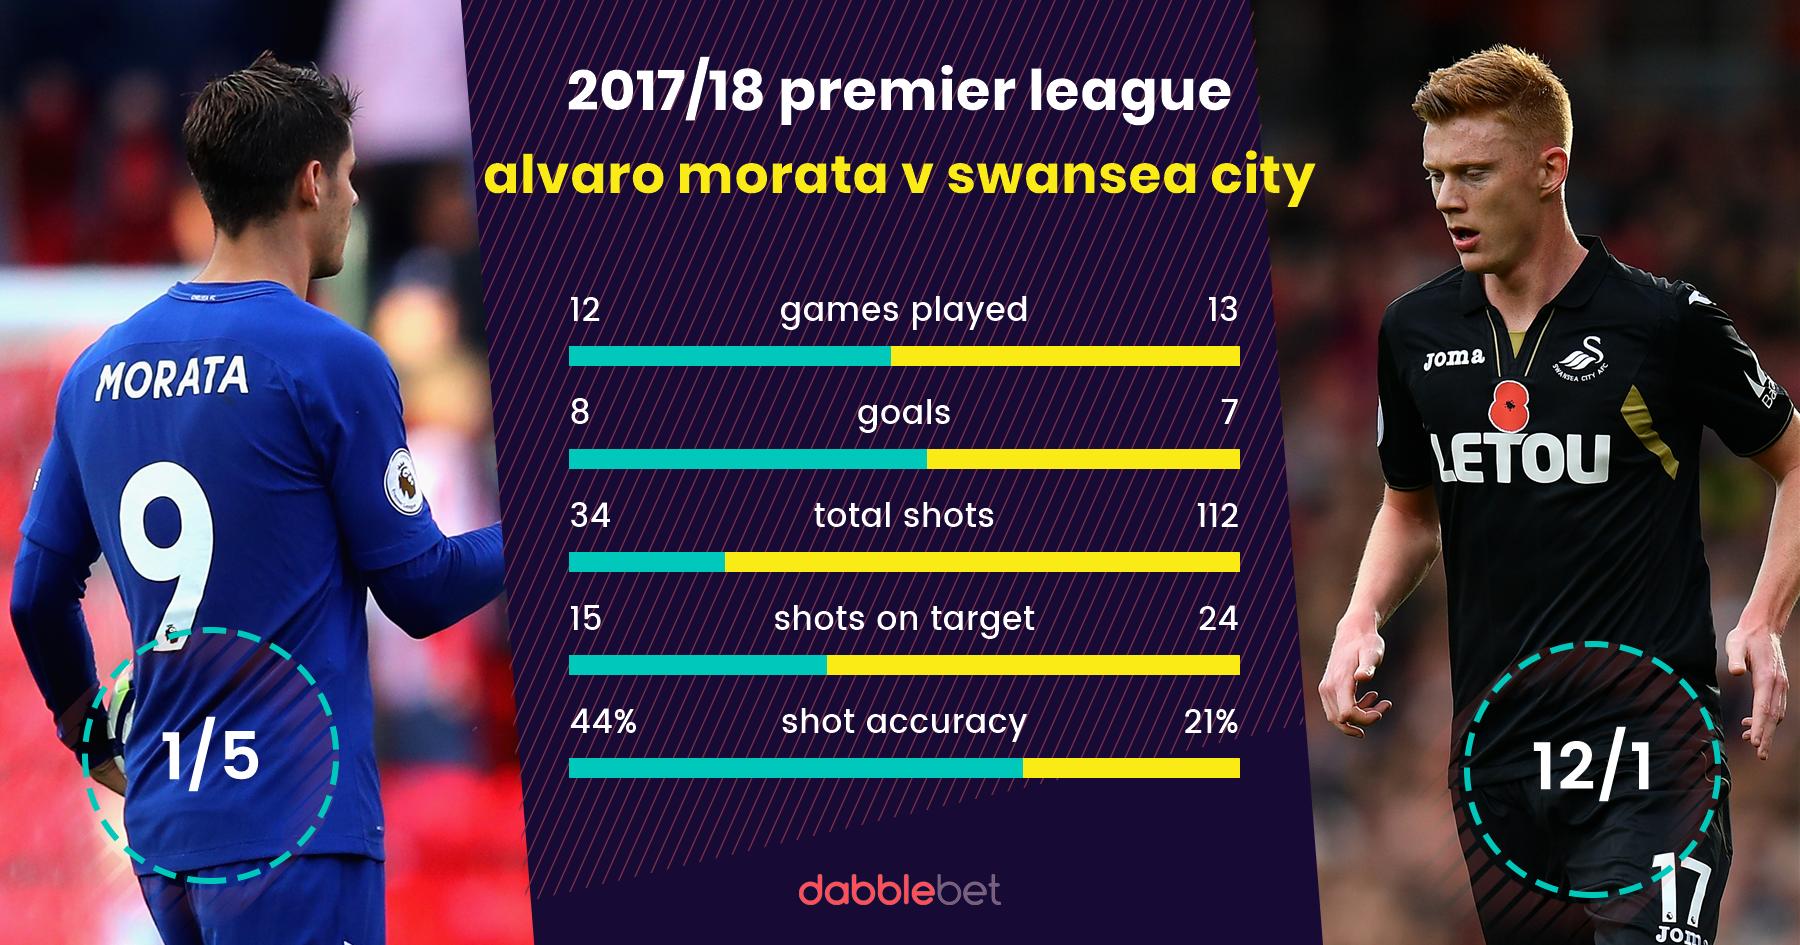 Chelsea Swansea City graphic